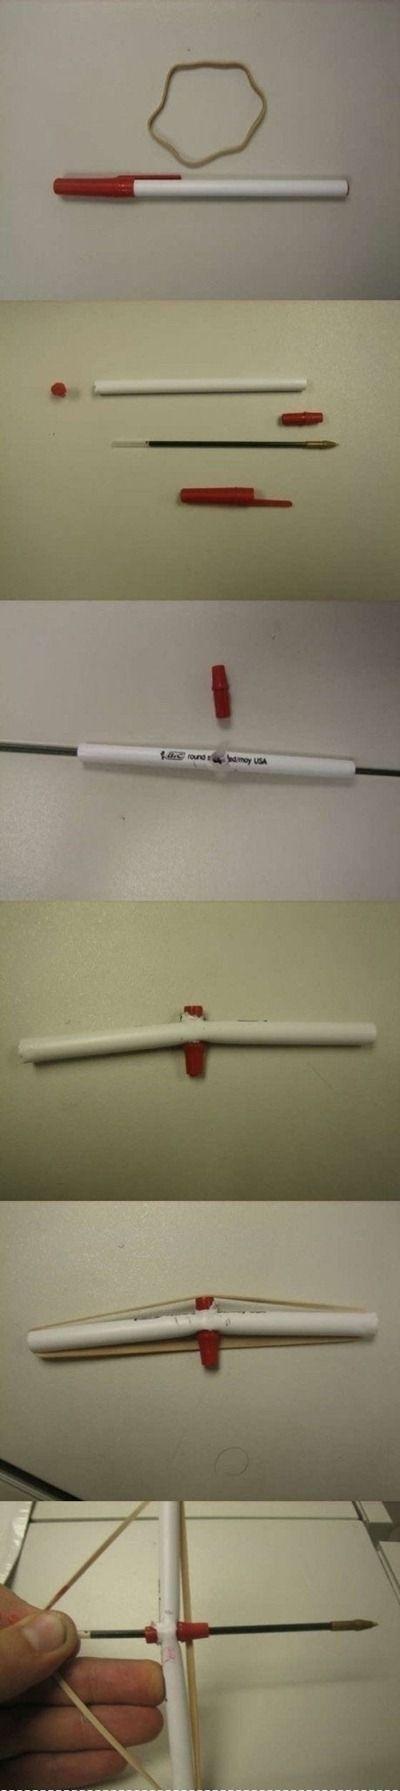 Pen crossbow